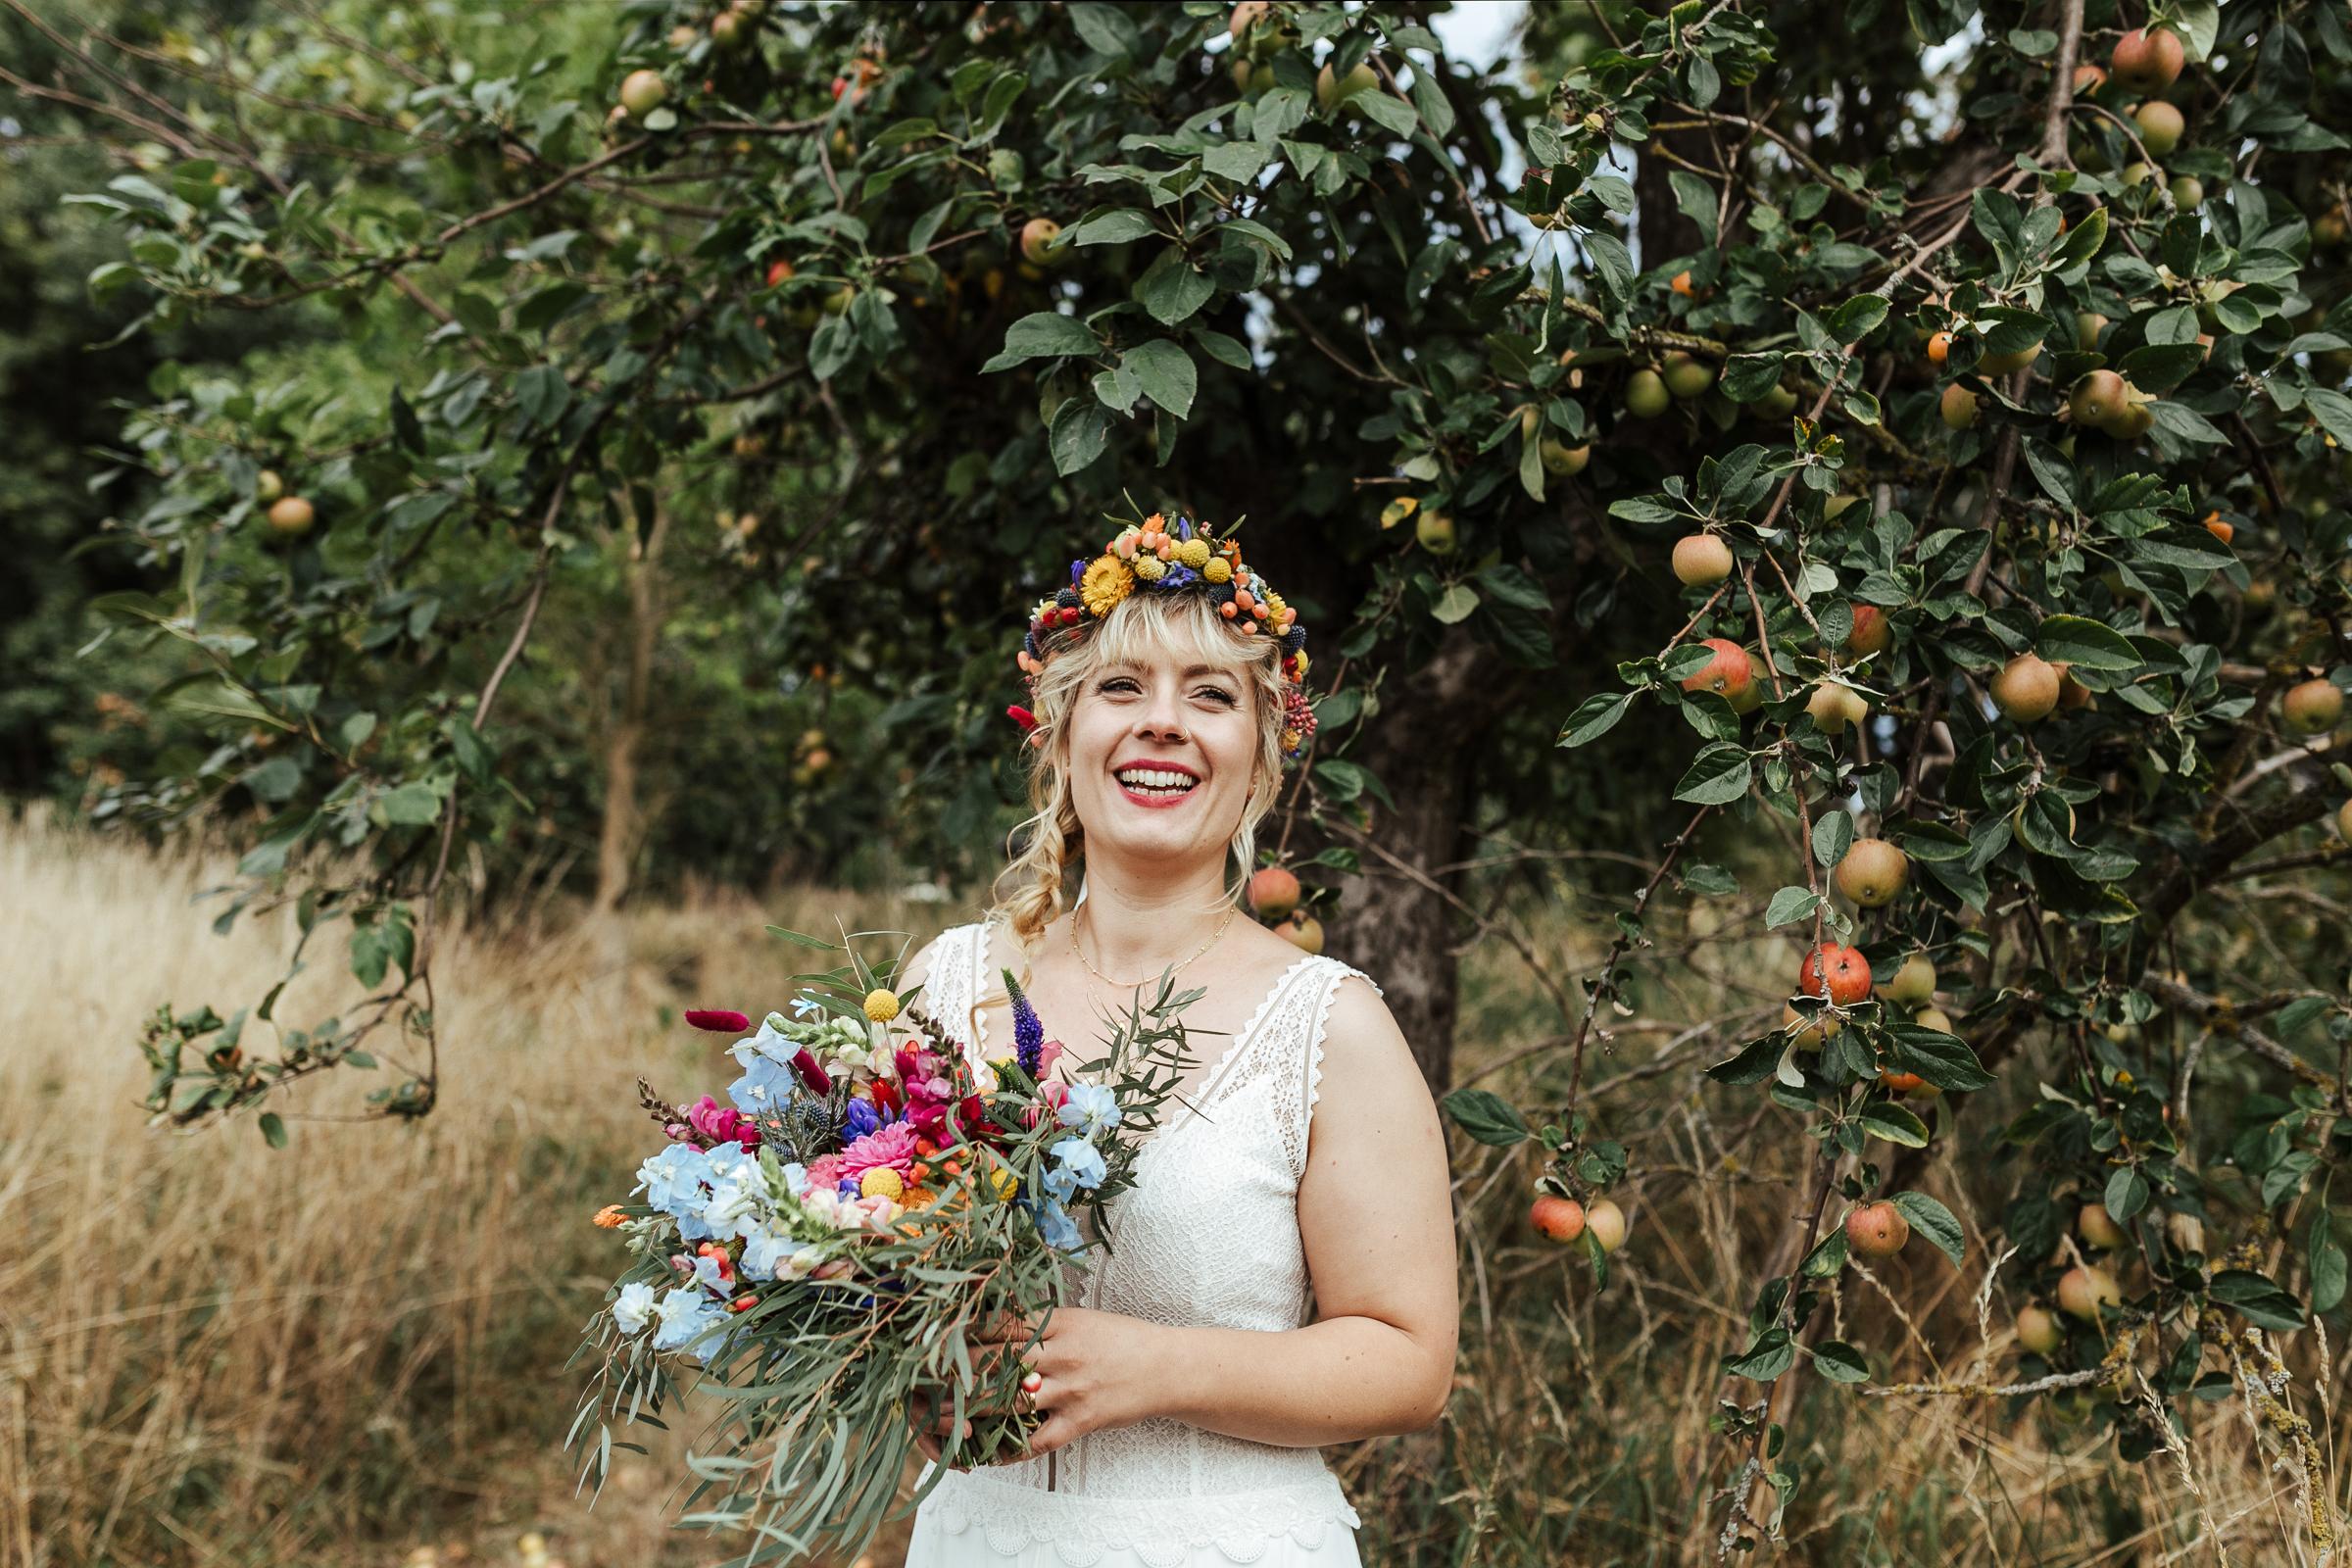 lachende Braut mit Blumenkranz im Haar und Brautstrauß